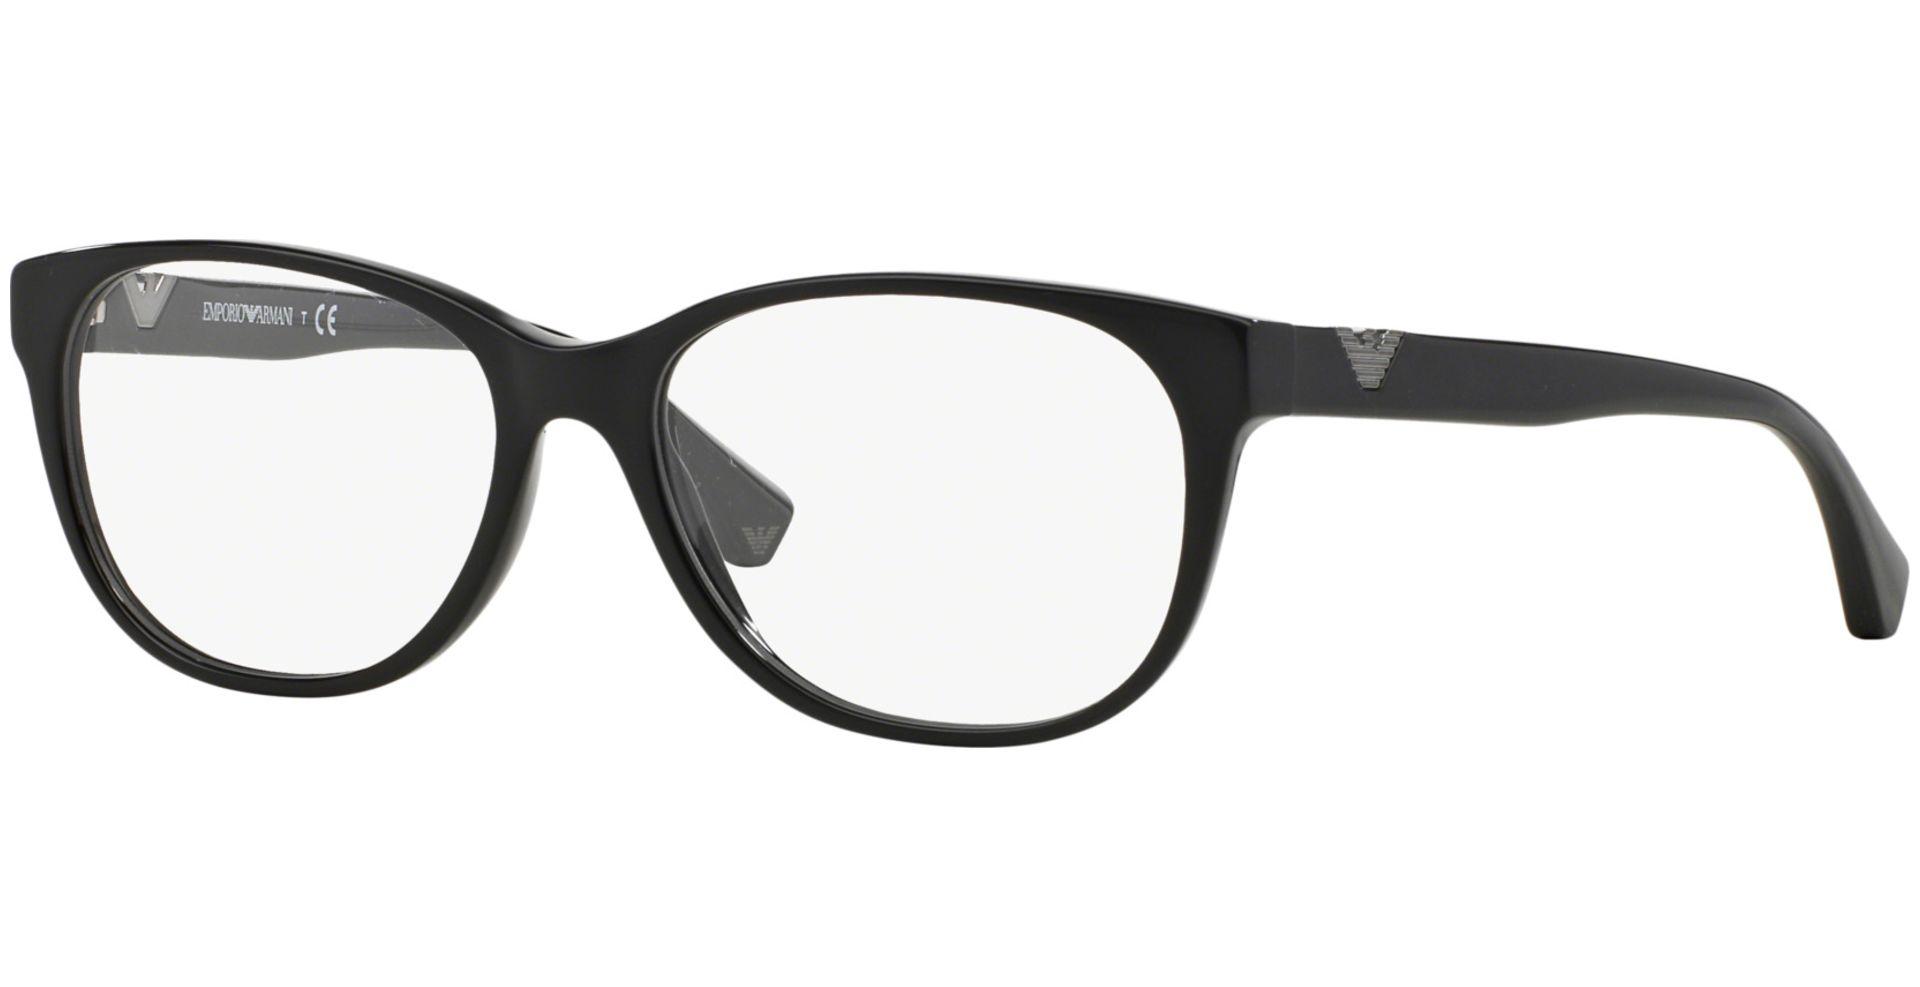 Emporio Armani - EA3039 5017 5416 Black - von Lensbest